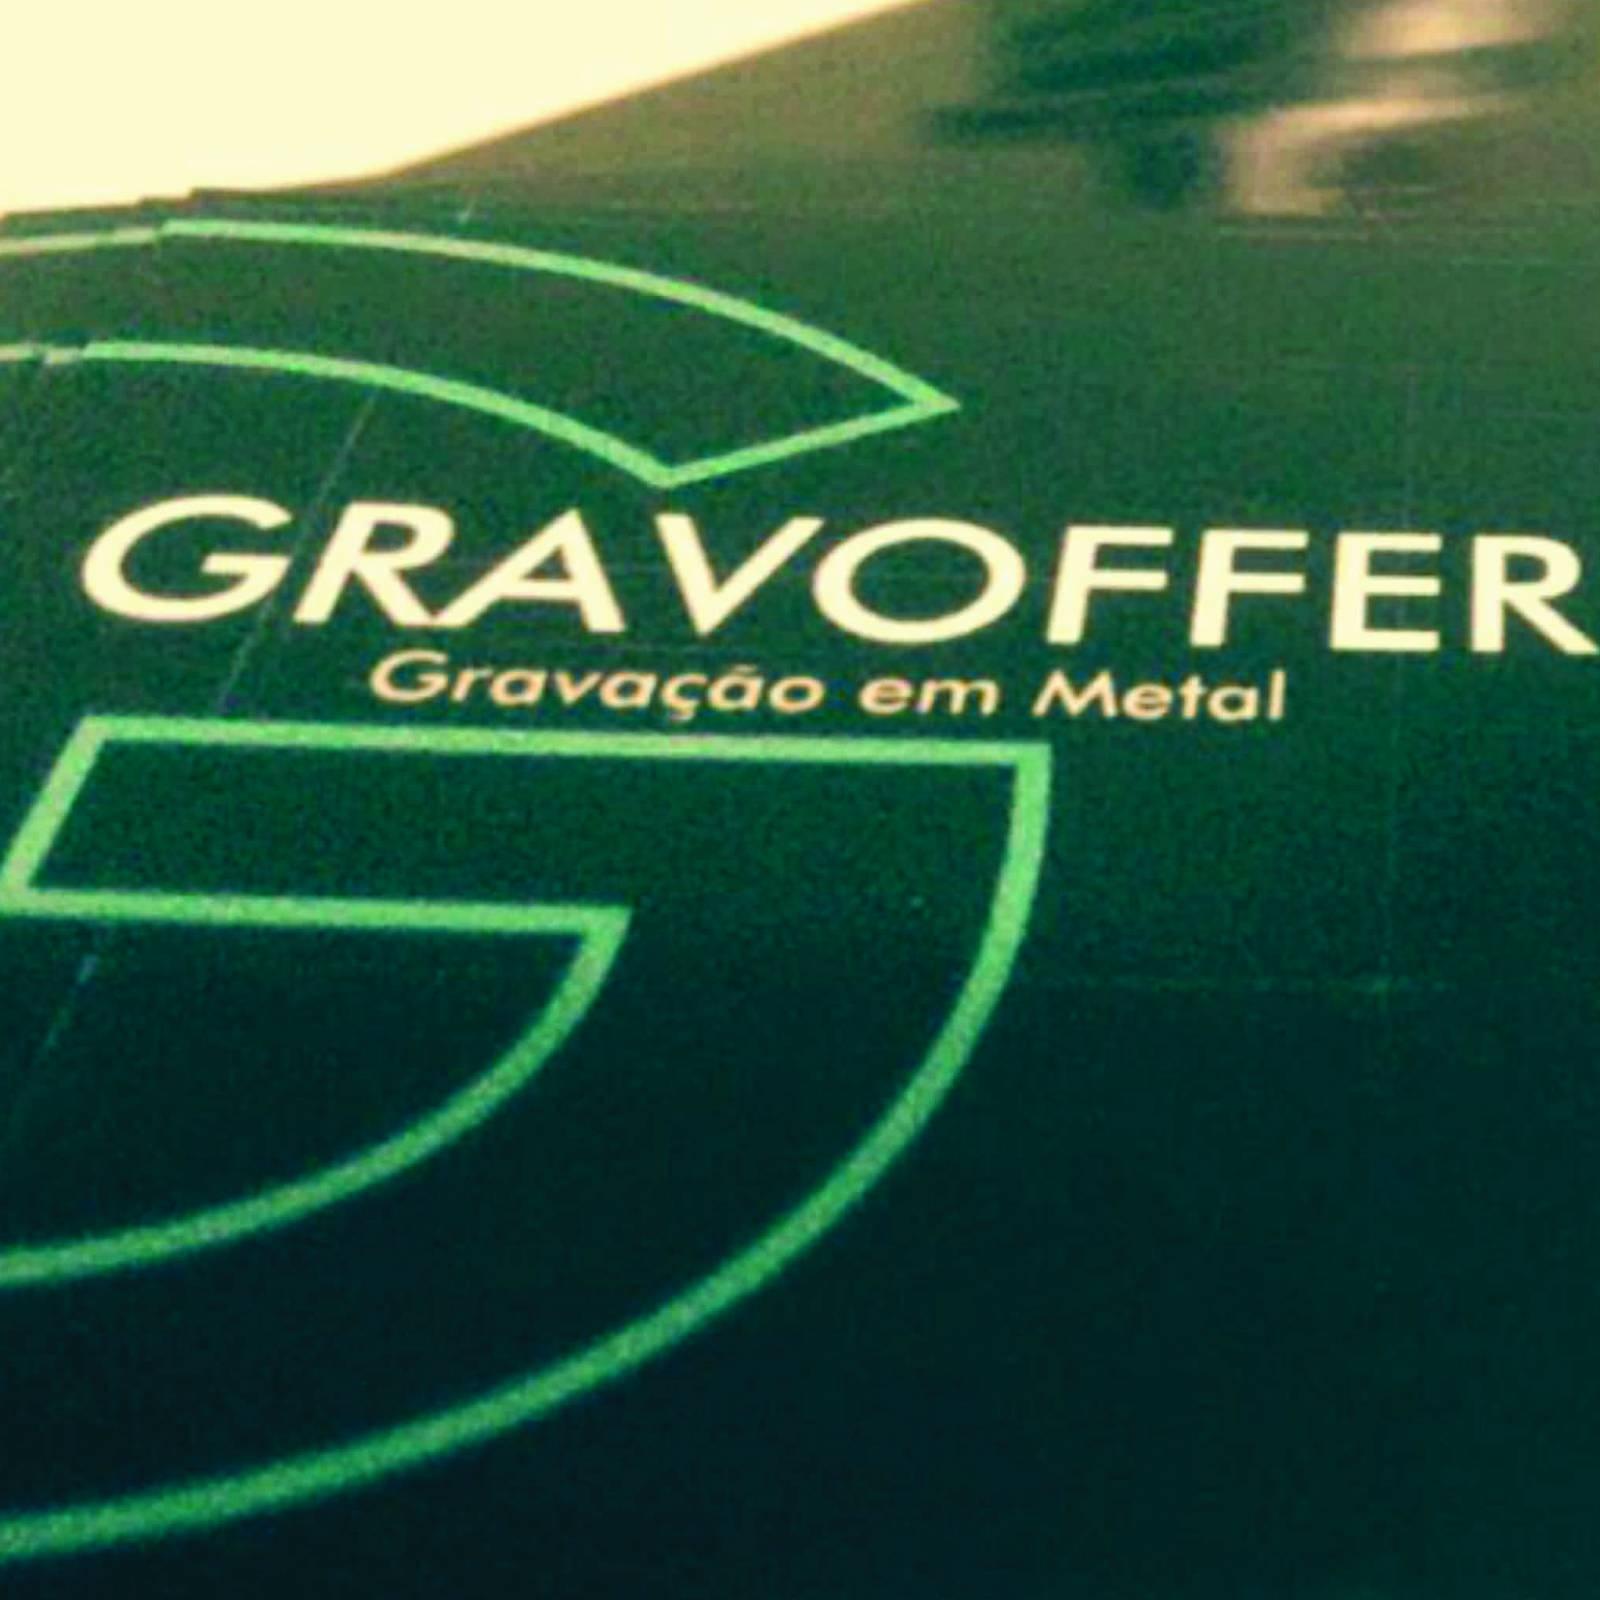 Gravoffer Gravação em metal